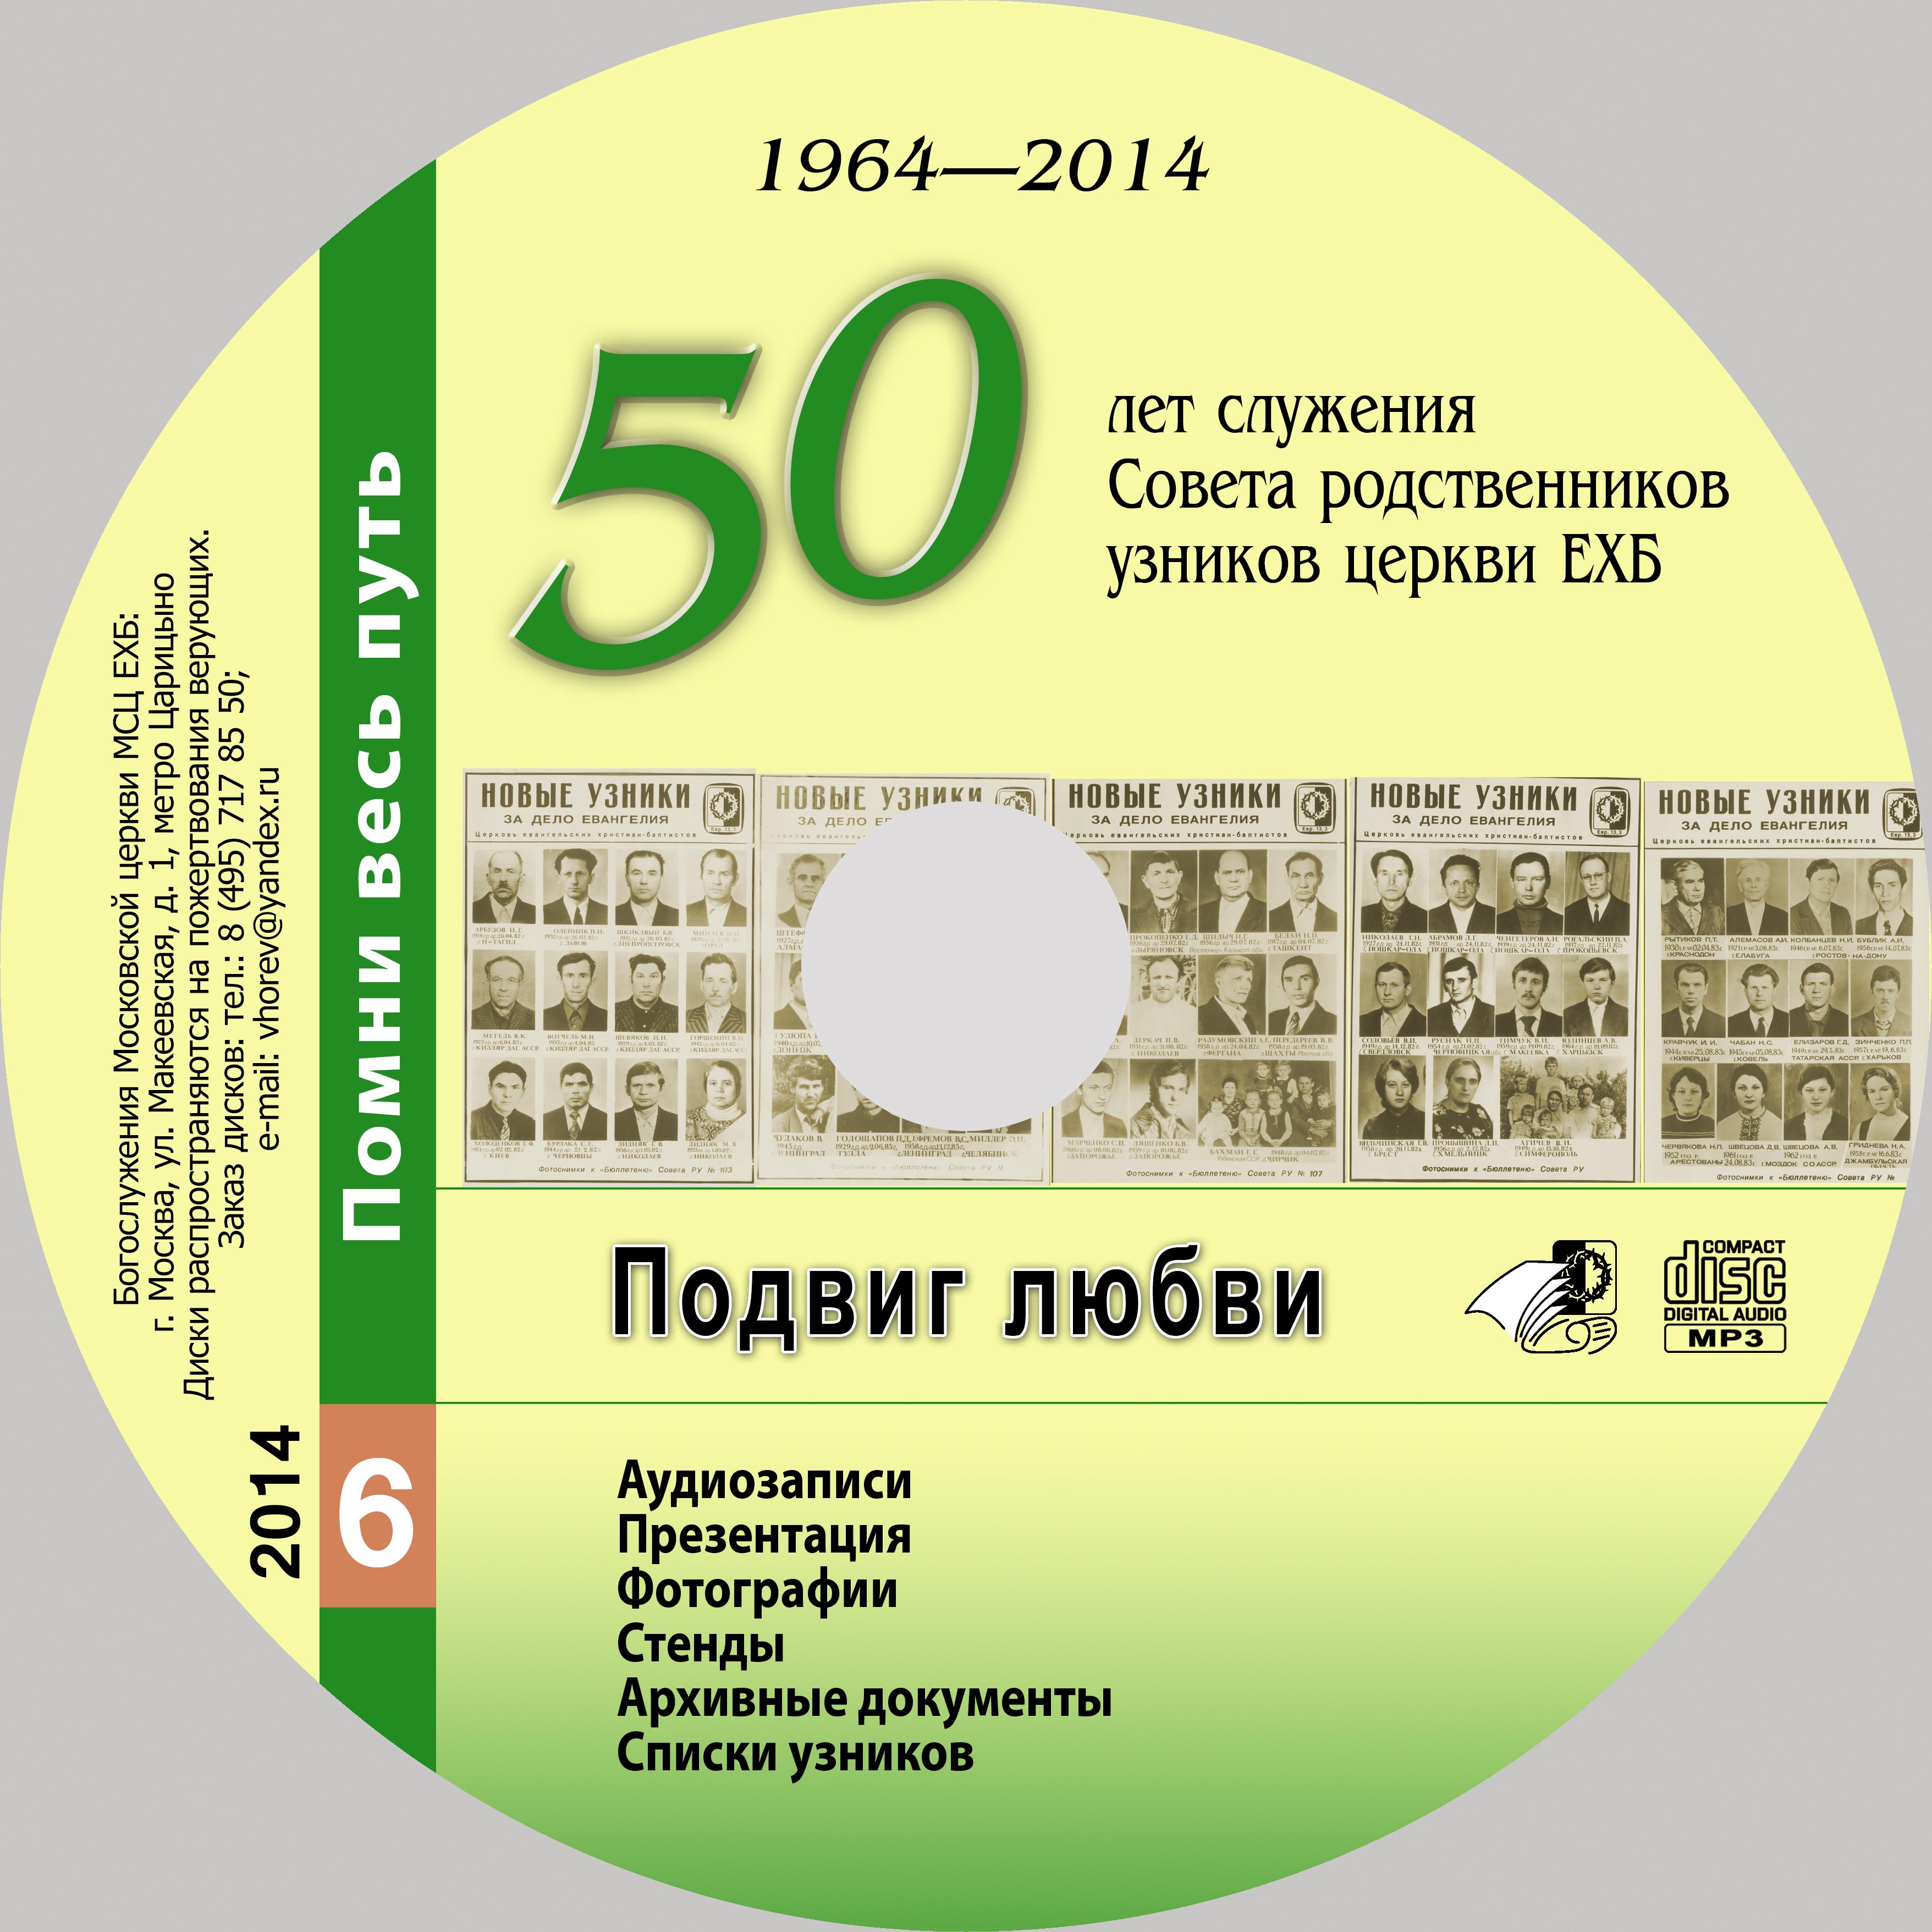 Подвиг любви. 50 лет служения Совета родственников узников церкви ЕХБ. 1964-2014